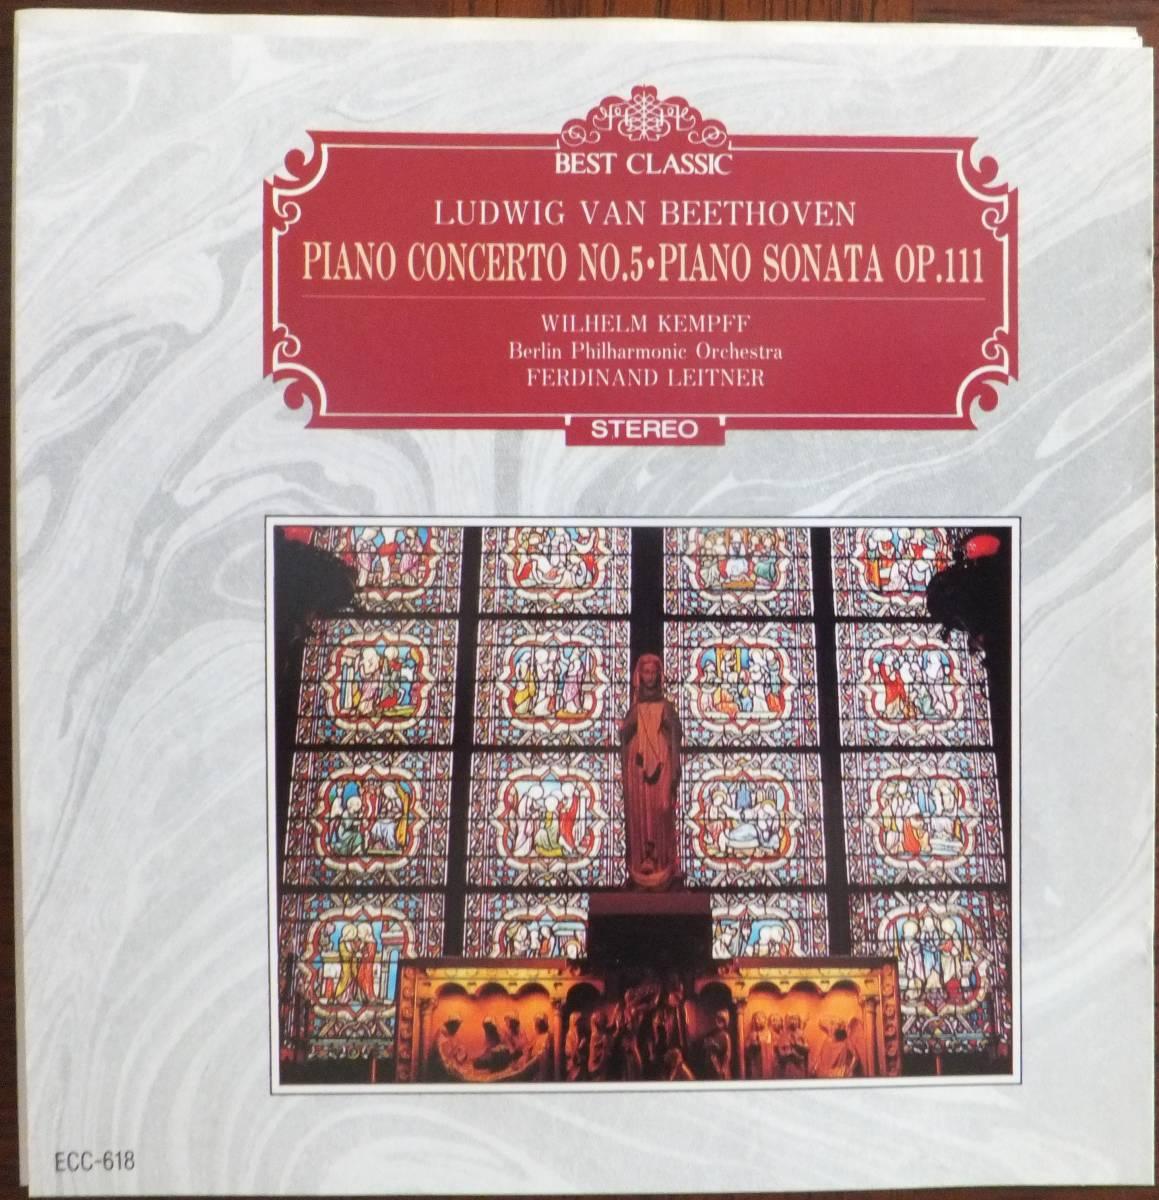 CD ベートーヴェン ピアノ協奏曲第5番「皇帝」:ピアノ・ソナタ第32番 ケンプ(P) ライトナー指揮 ベルリンフィルハーモニー管弦楽団_画像2